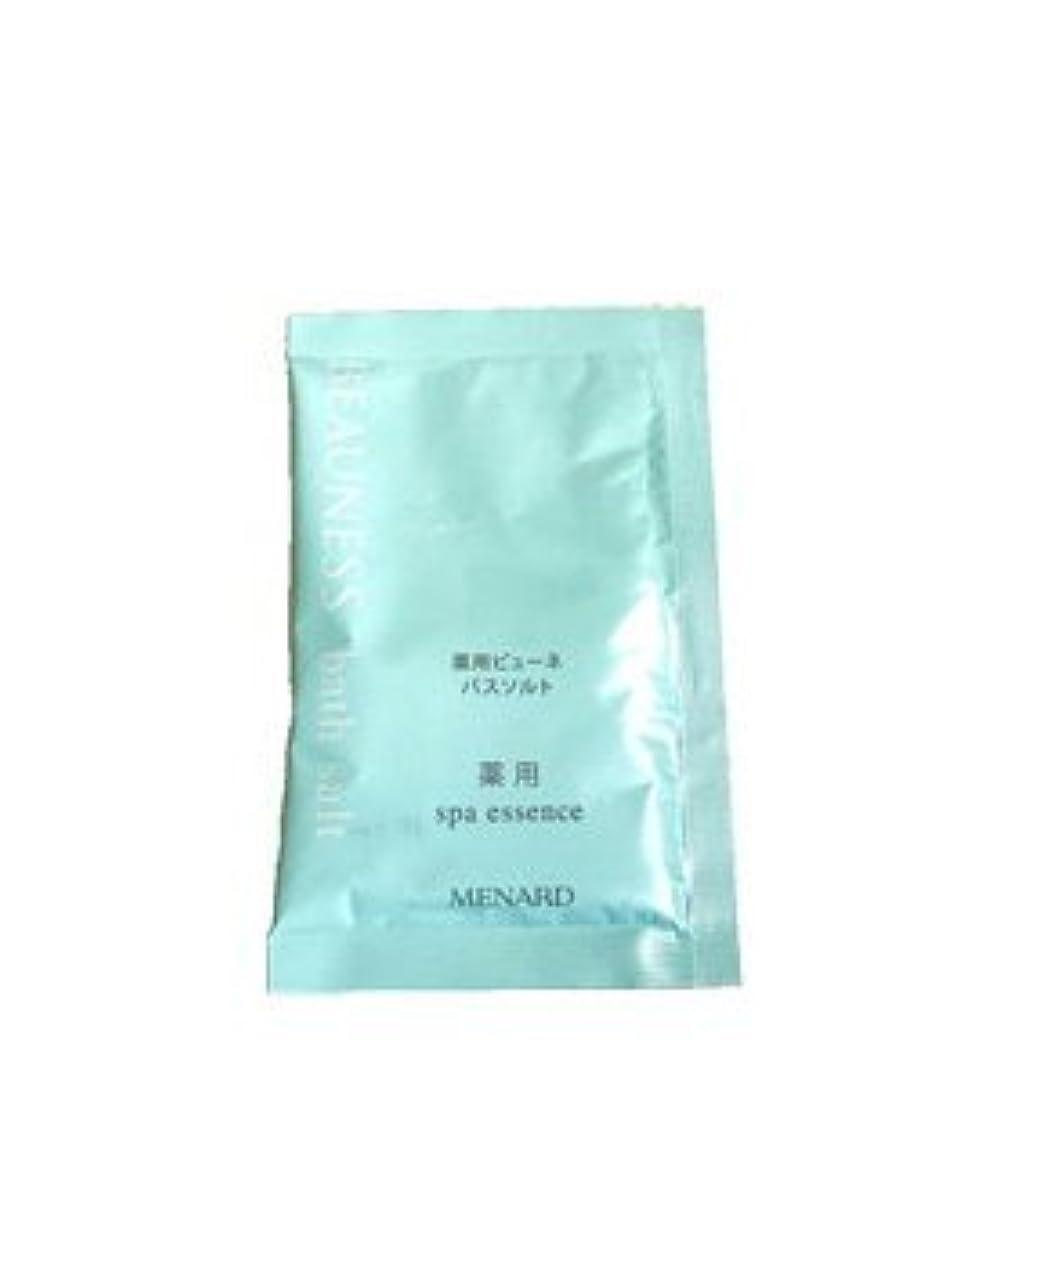 愛情リファインマーティンルーサーキングジュニアメナード 薬用ビューネ バスソルト 20g×1包入 (並行輸入品)